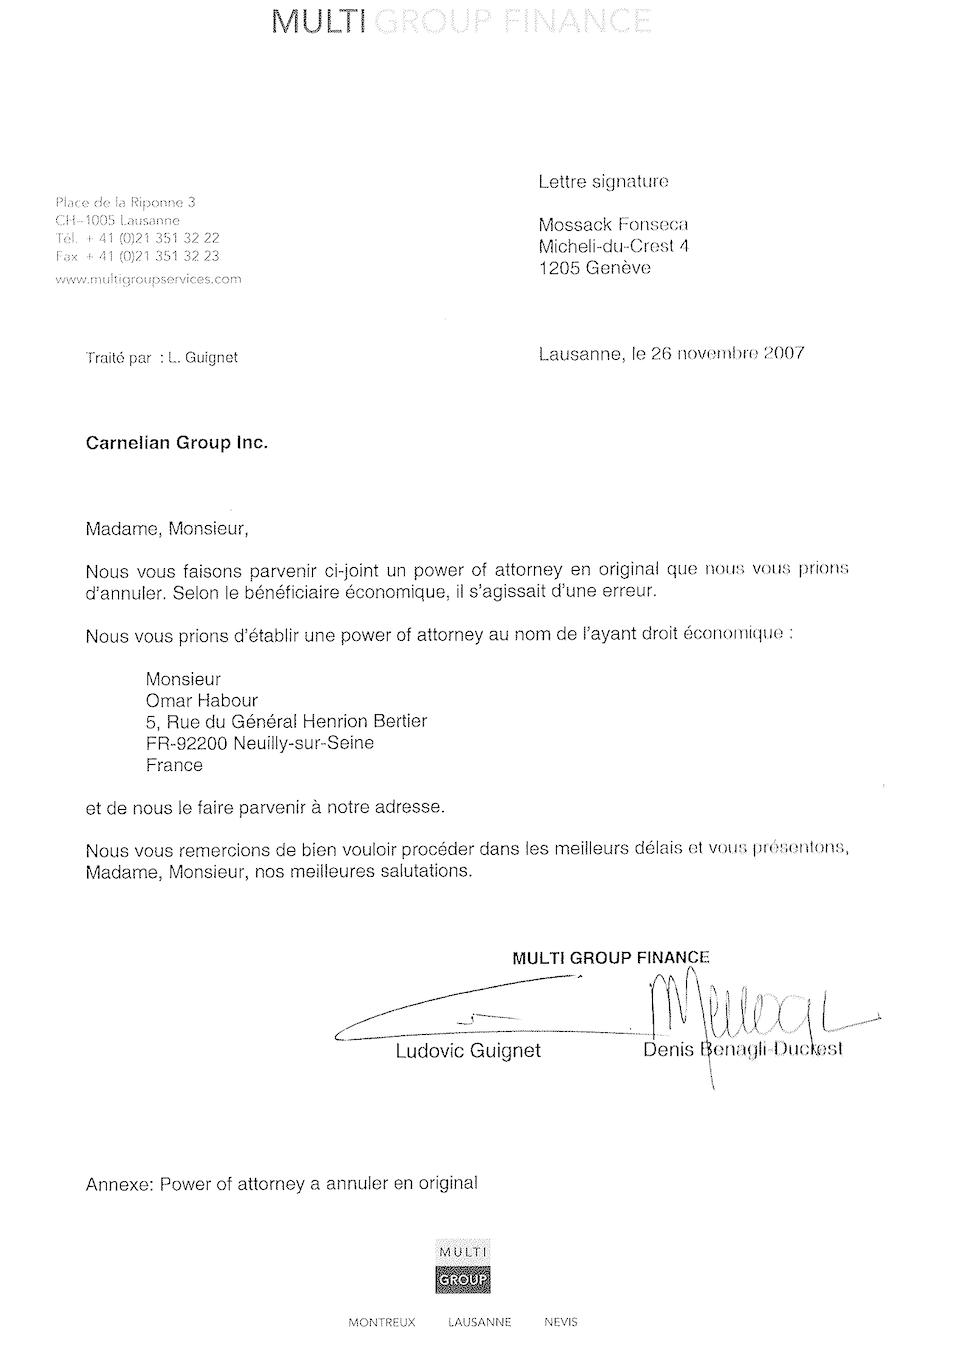 Copie de la correspondance adressée par Multi Group Finance, agissant pour le compte de Najat Arafat, au cabinet Mossack Fonseca l'instruisant de donner pouvoir à Omar Habour pour la gestion de la société Carnelian Group Inc. LE DESK